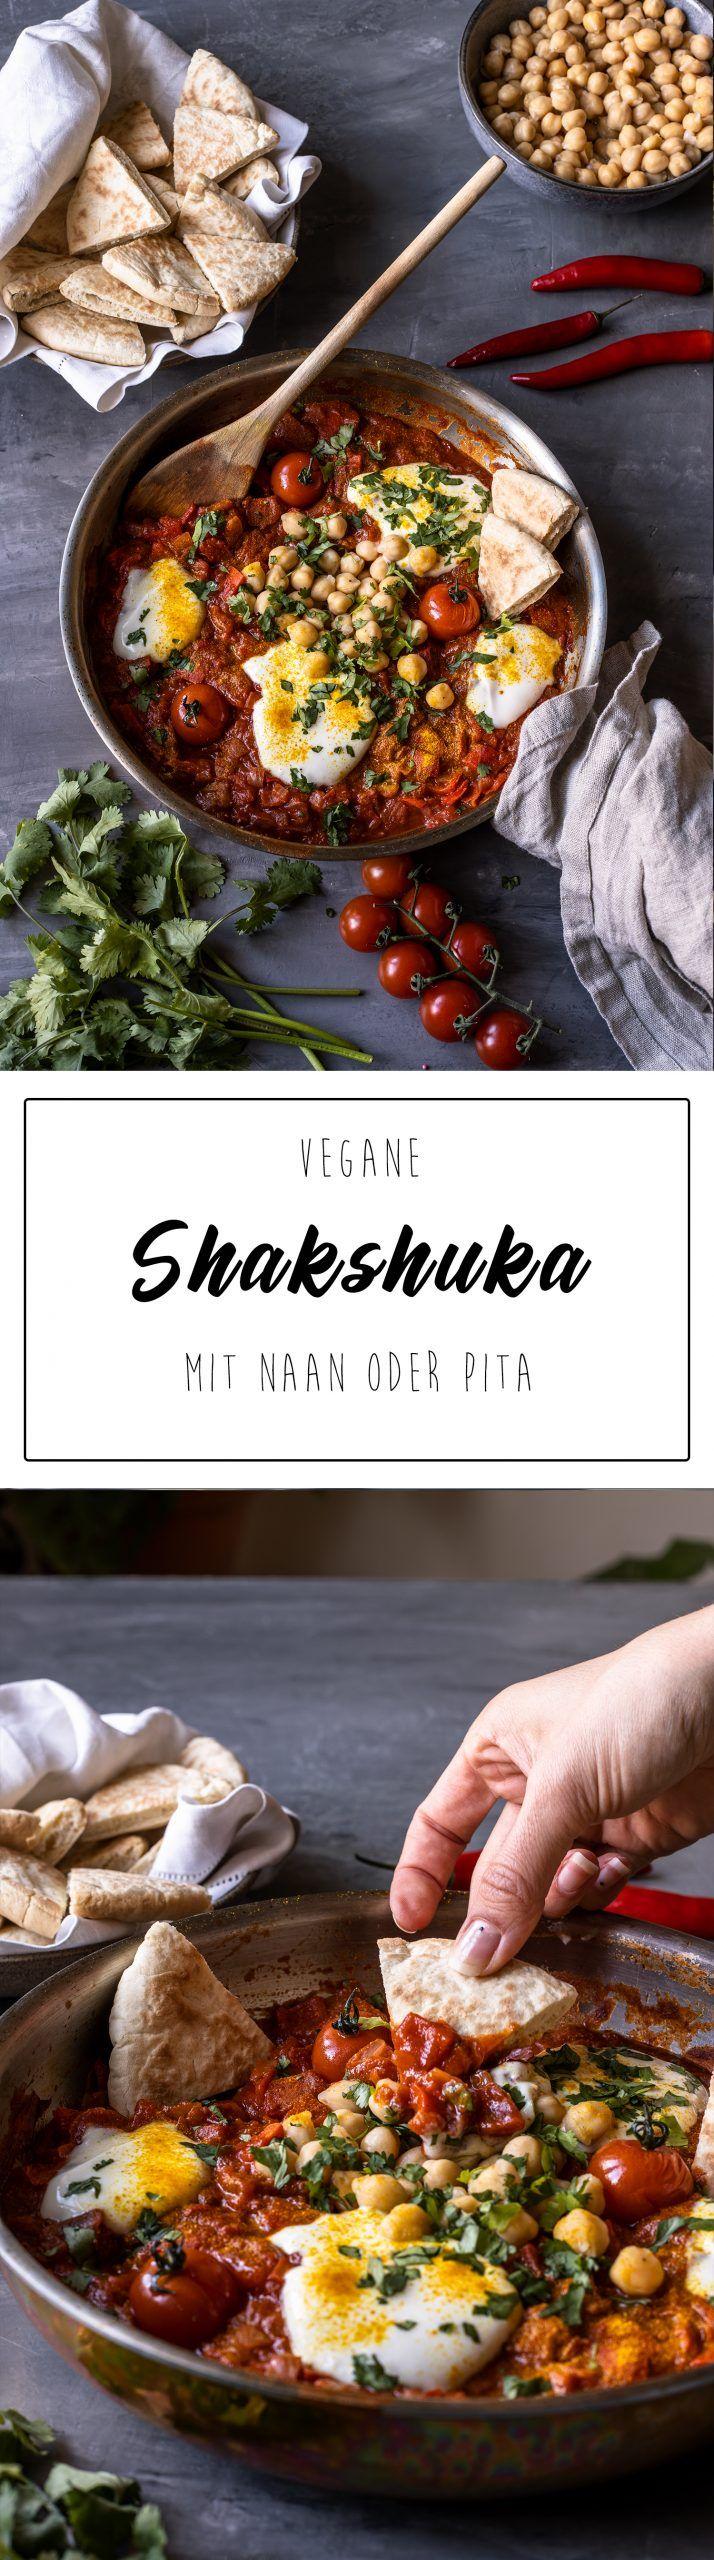 Vegane Shakshuka mit Vollkornpita - Vegan Mom by Anna Elisie